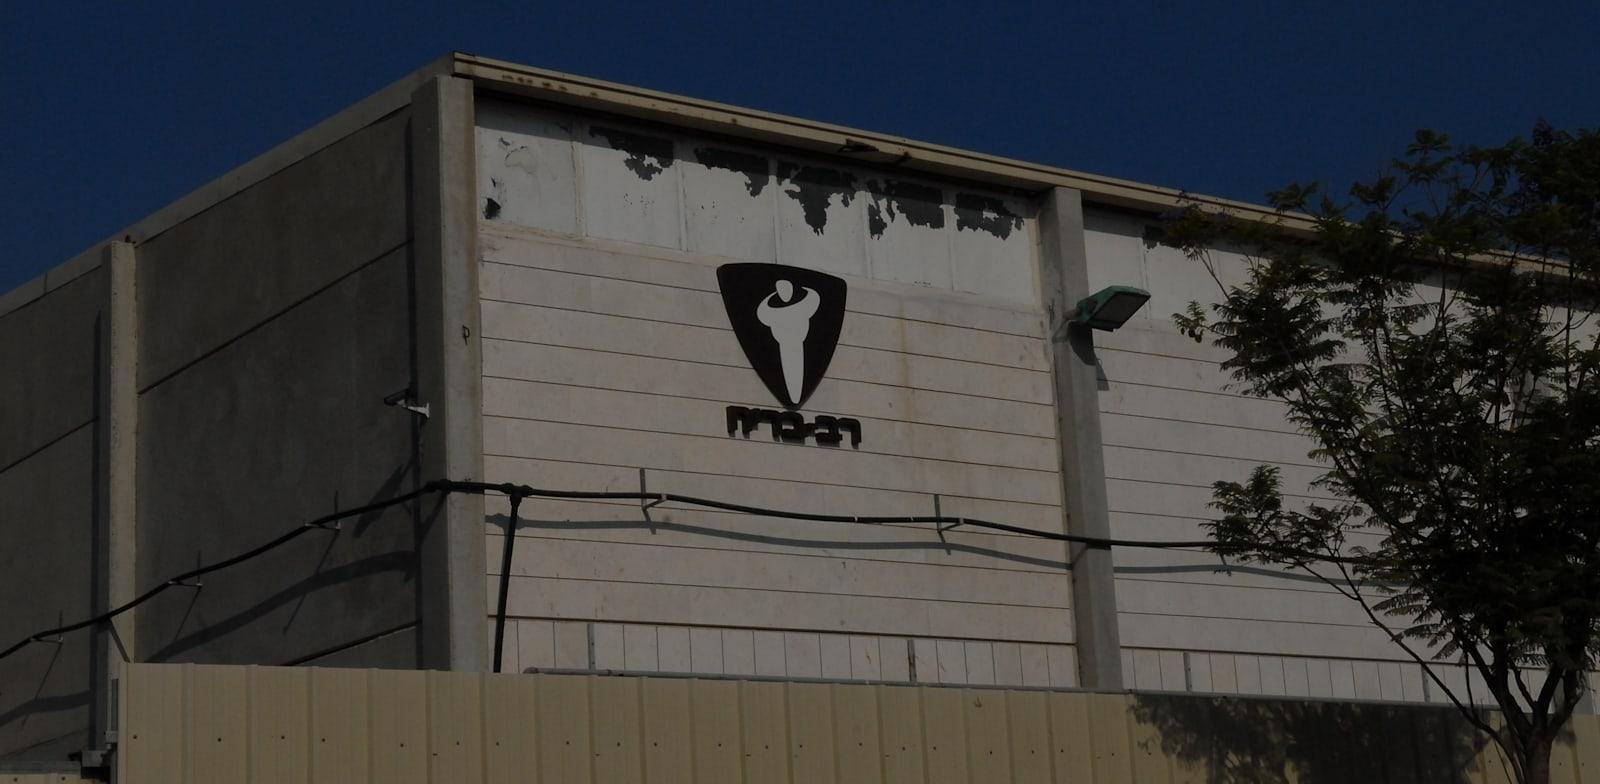 מפעל רב בריח אשקלון / צילום: איל יצהר